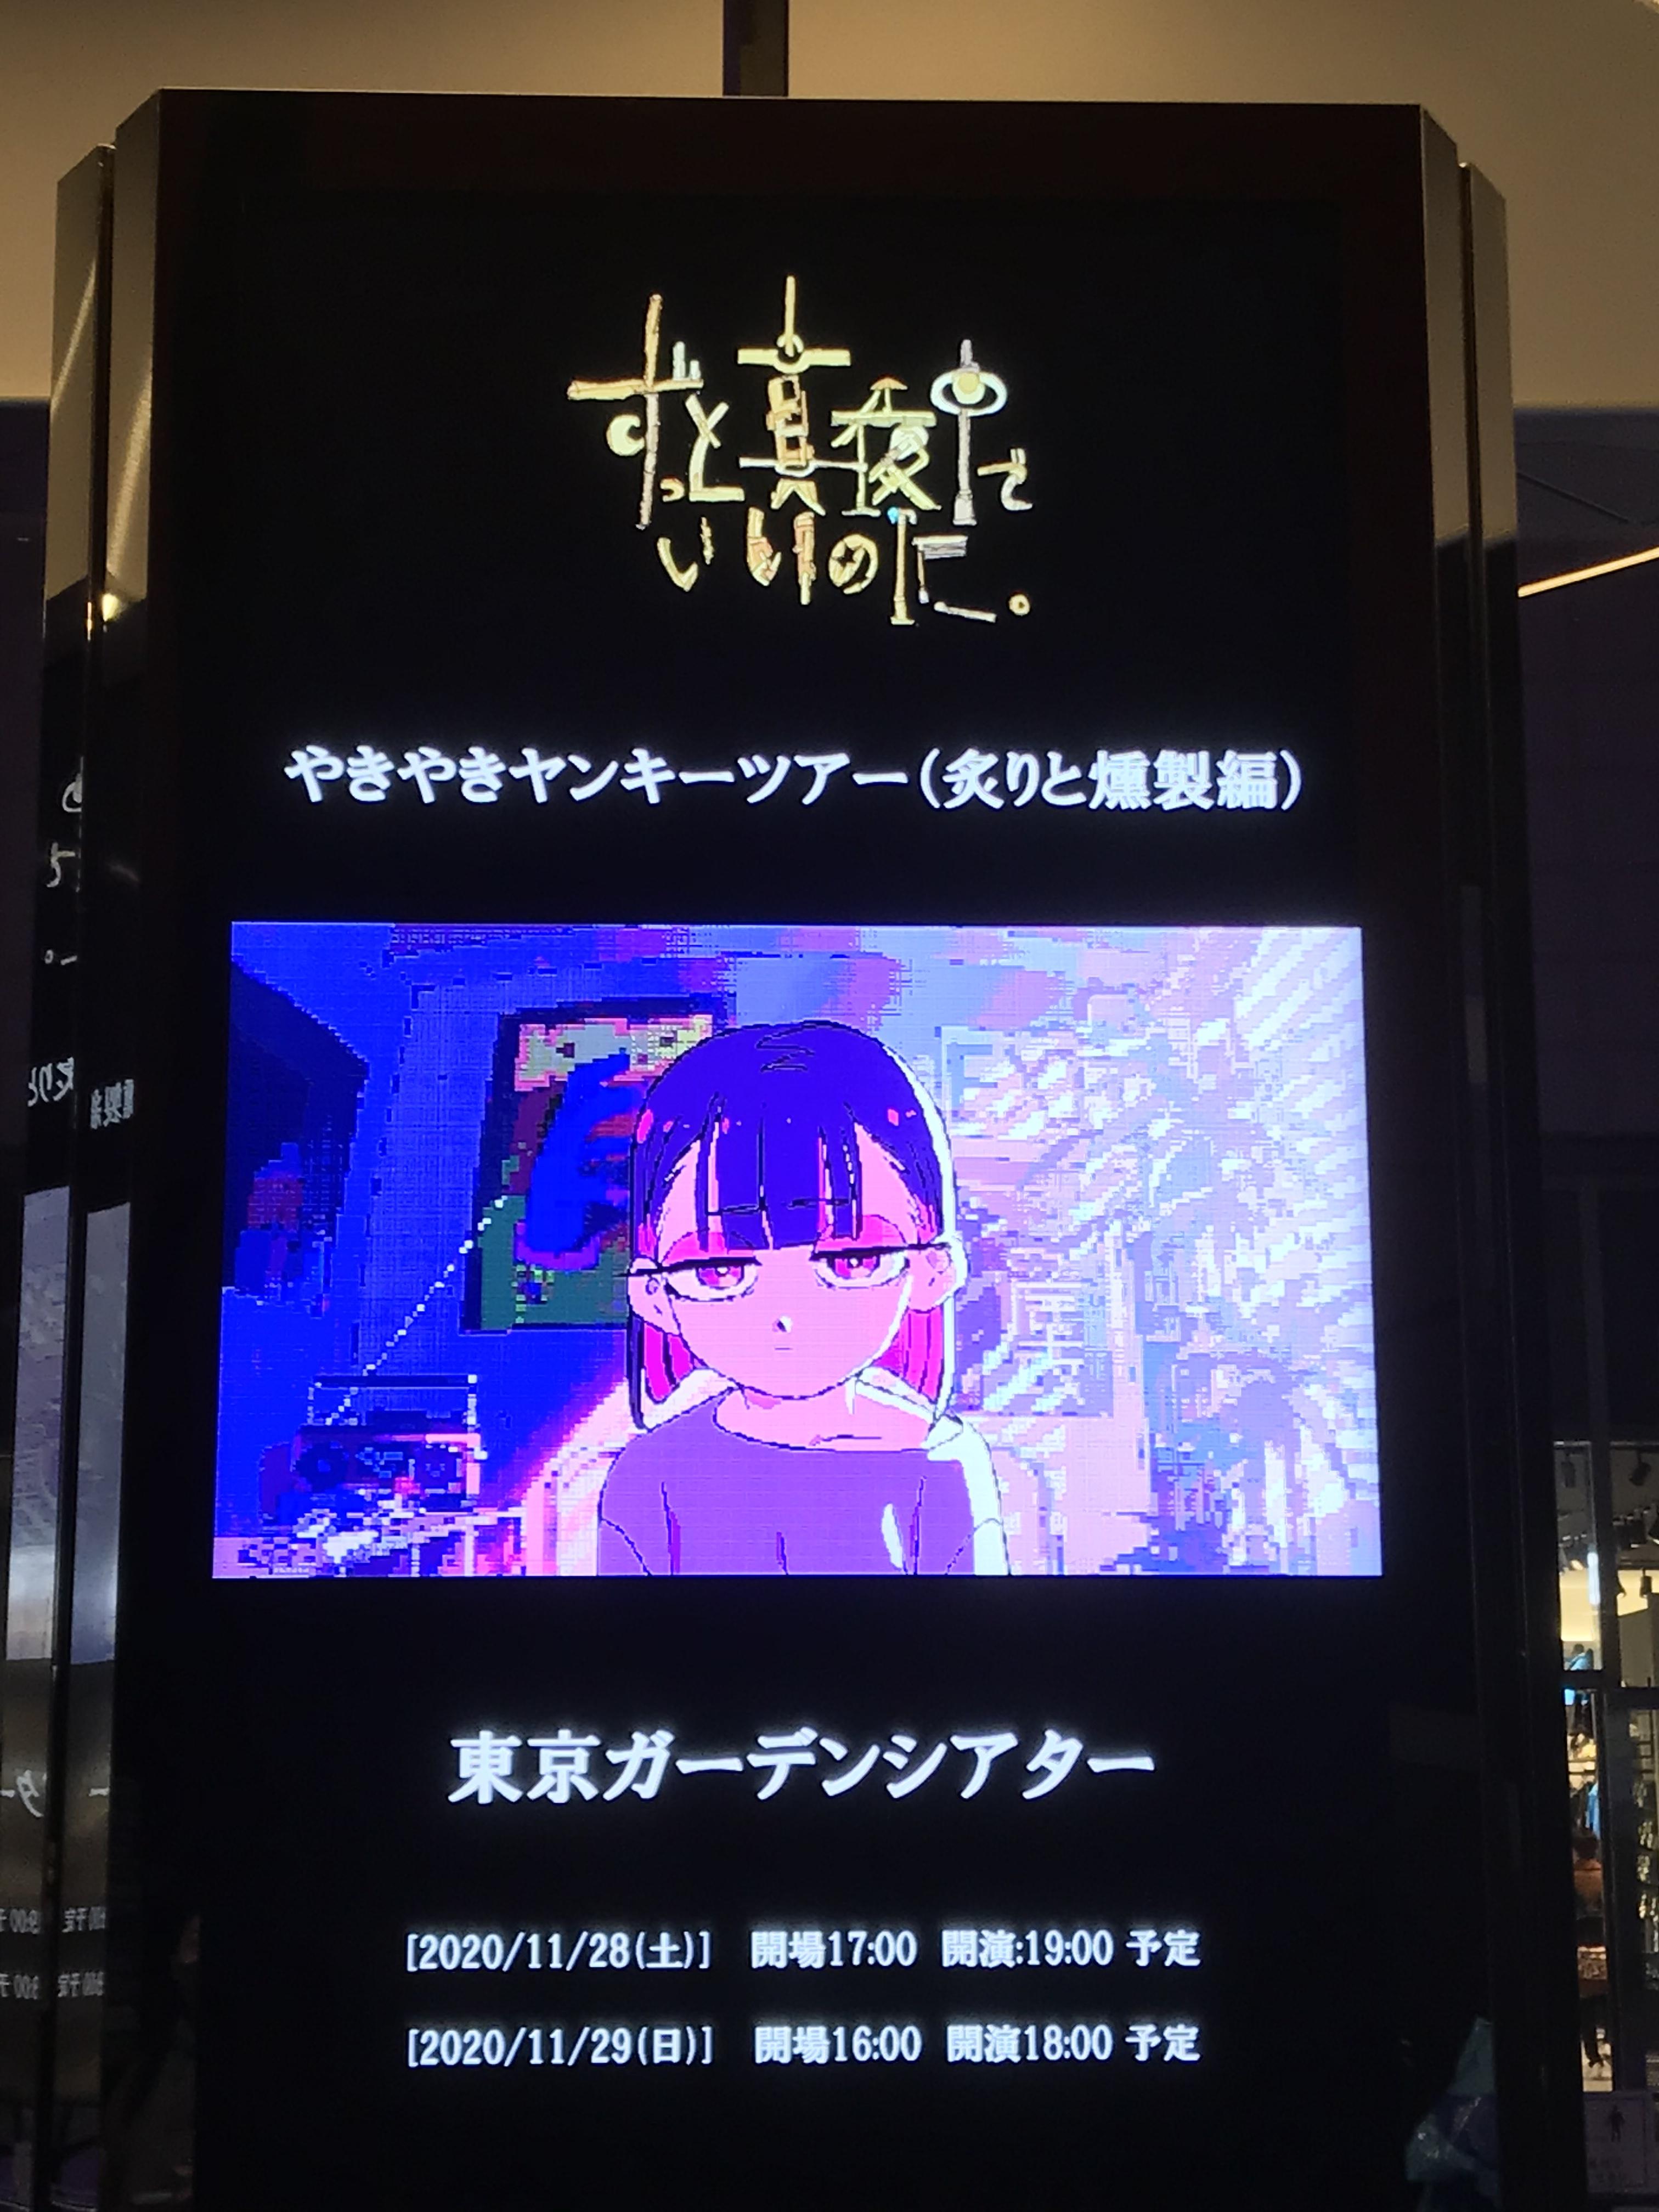 イベント シアター 予定 ガーデン 東京